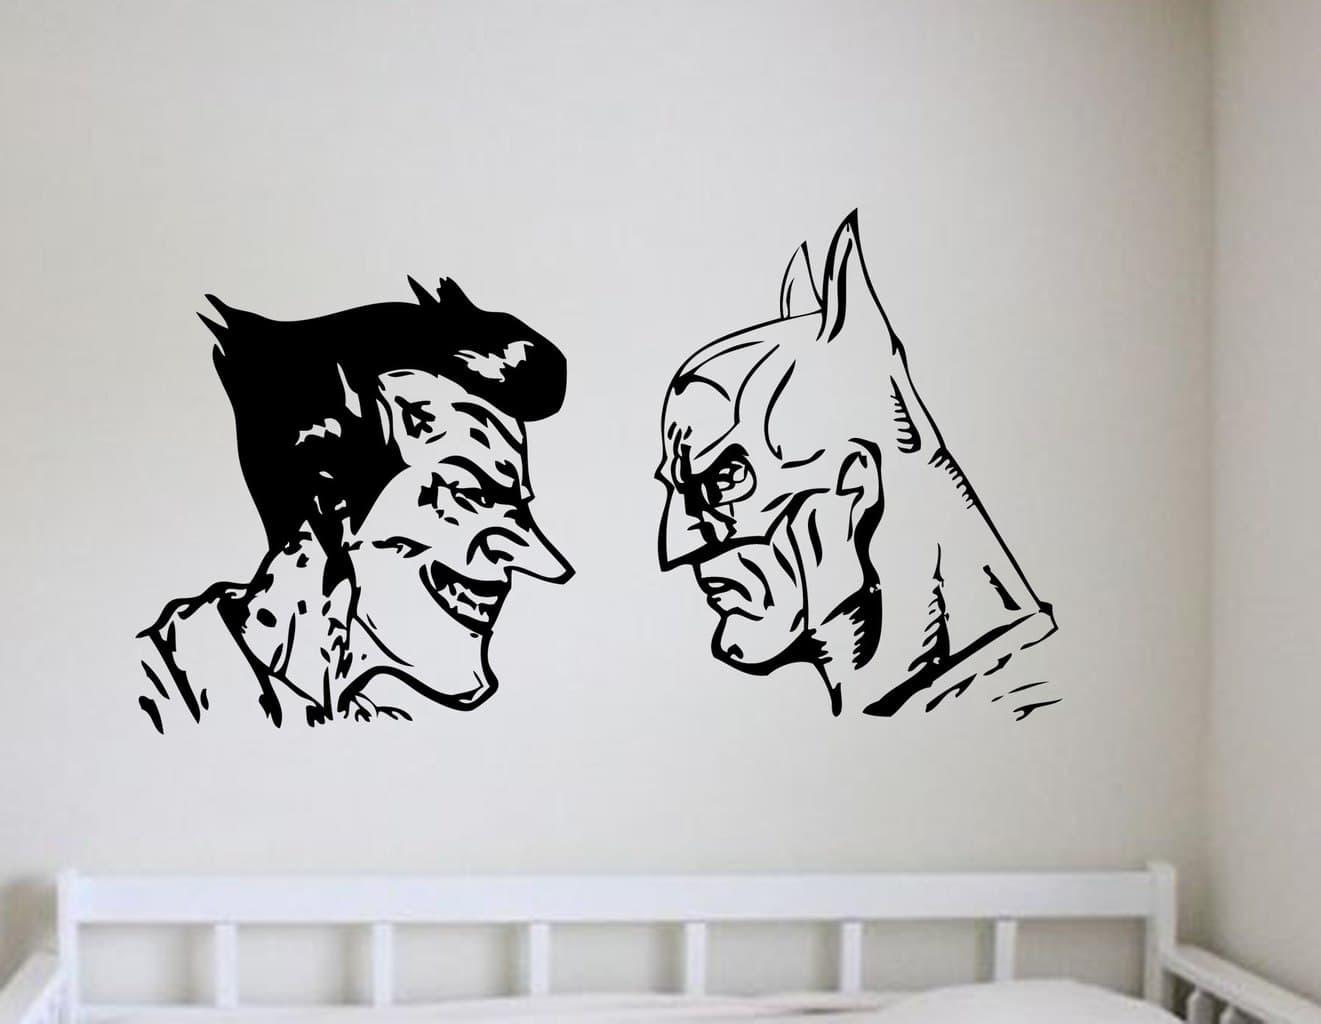 Batman And Joker Wall Art Decal | Wall Decal | Wall Art Regarding Batman Wall Art (View 3 of 20)